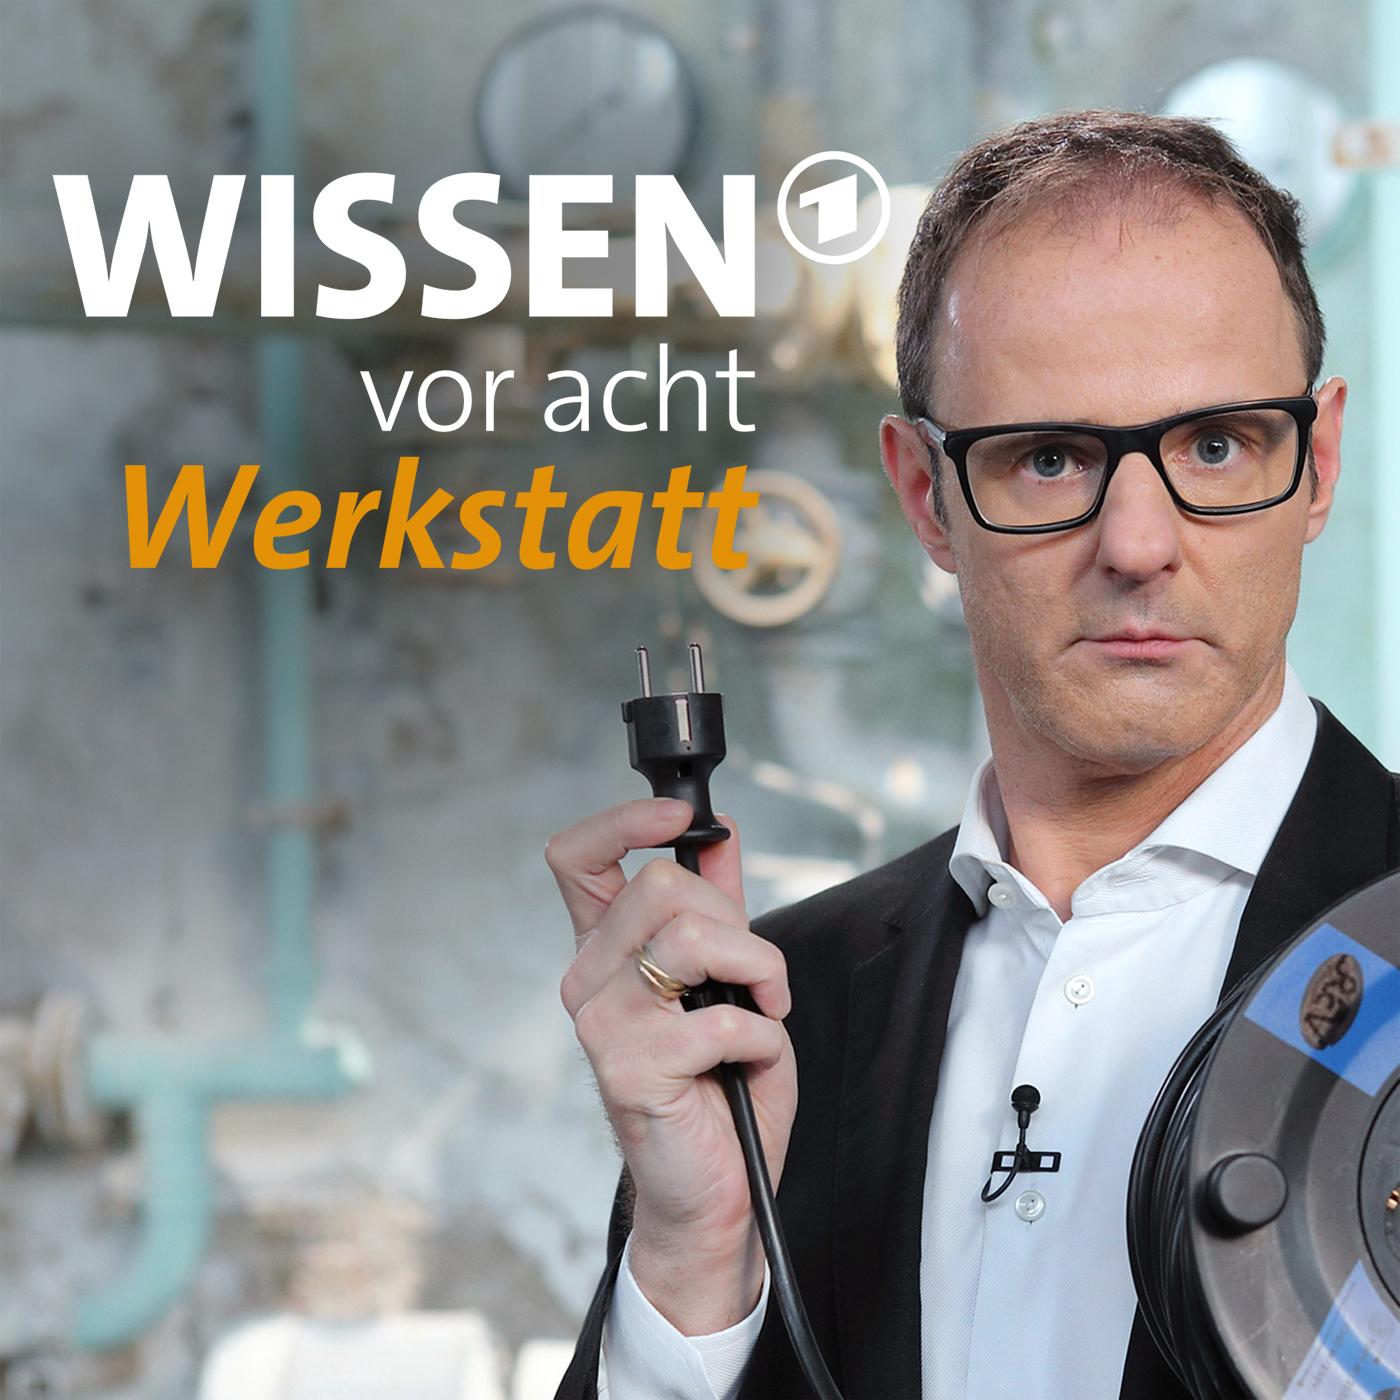 <![CDATA[Wissen vor 8 - Werkstatt]]>